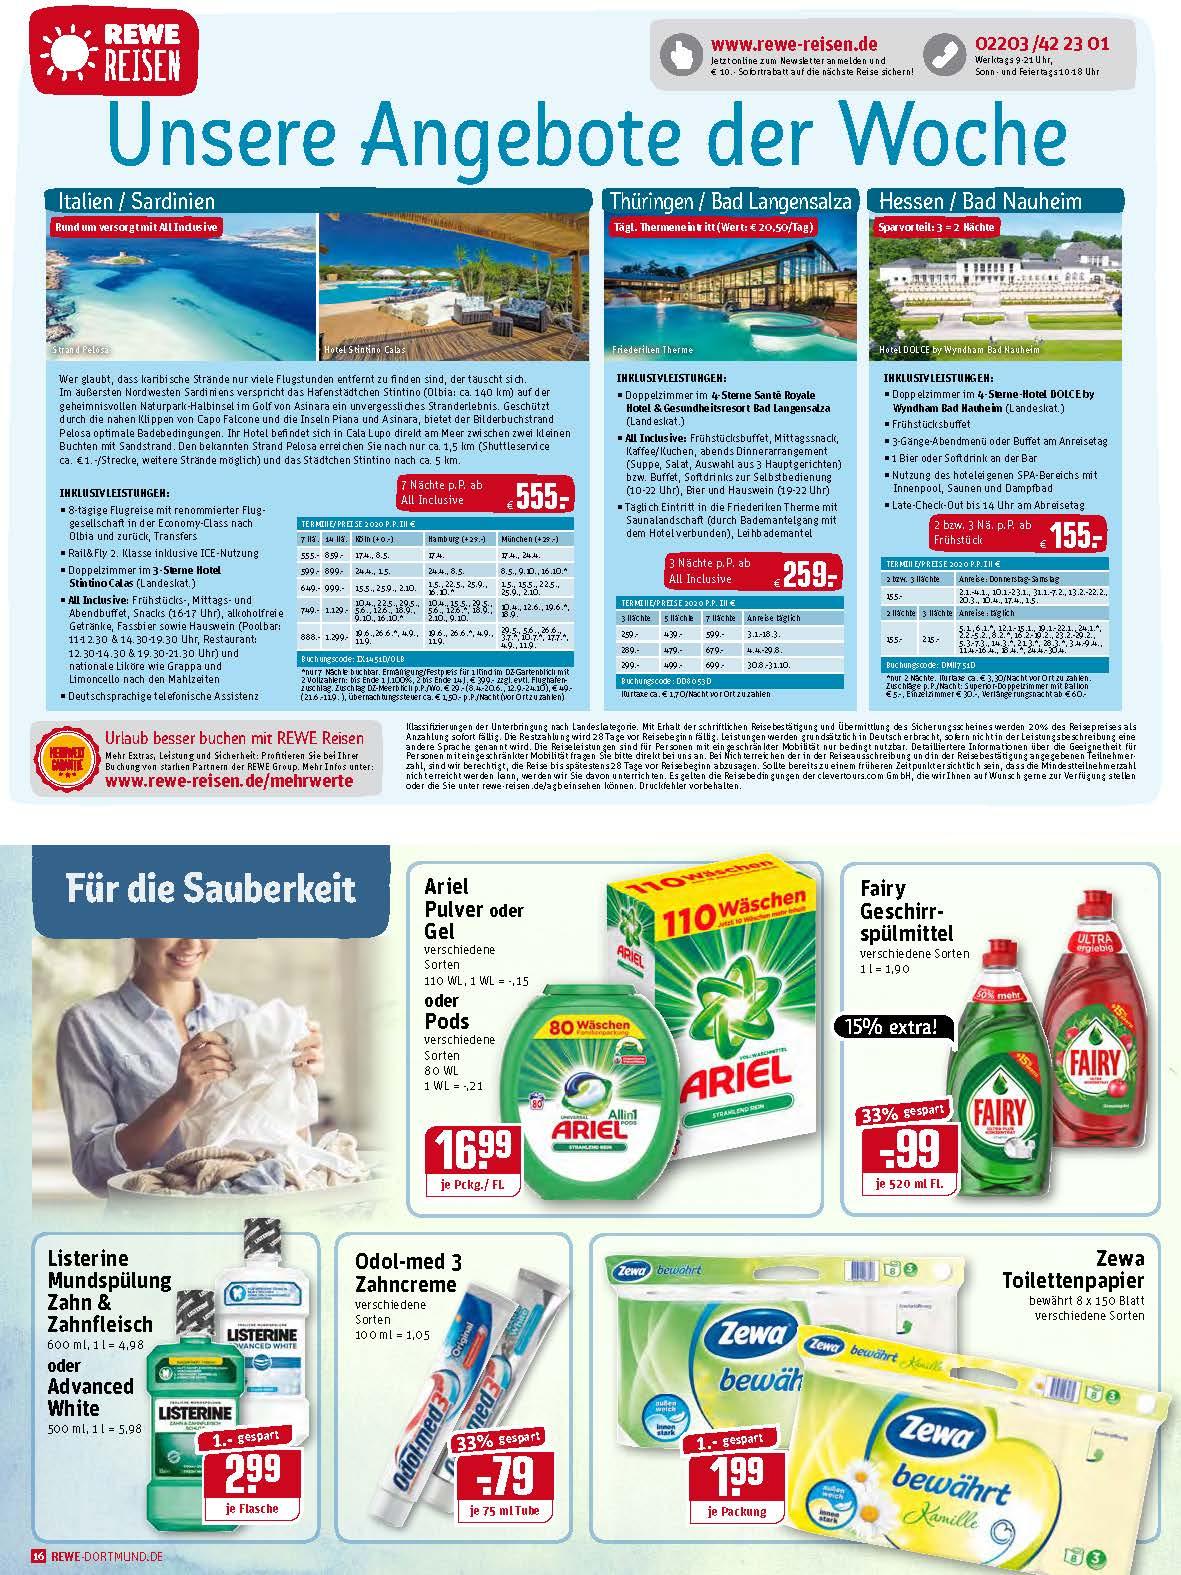 rewe_dein_markt_kw_50-1_Seite_16